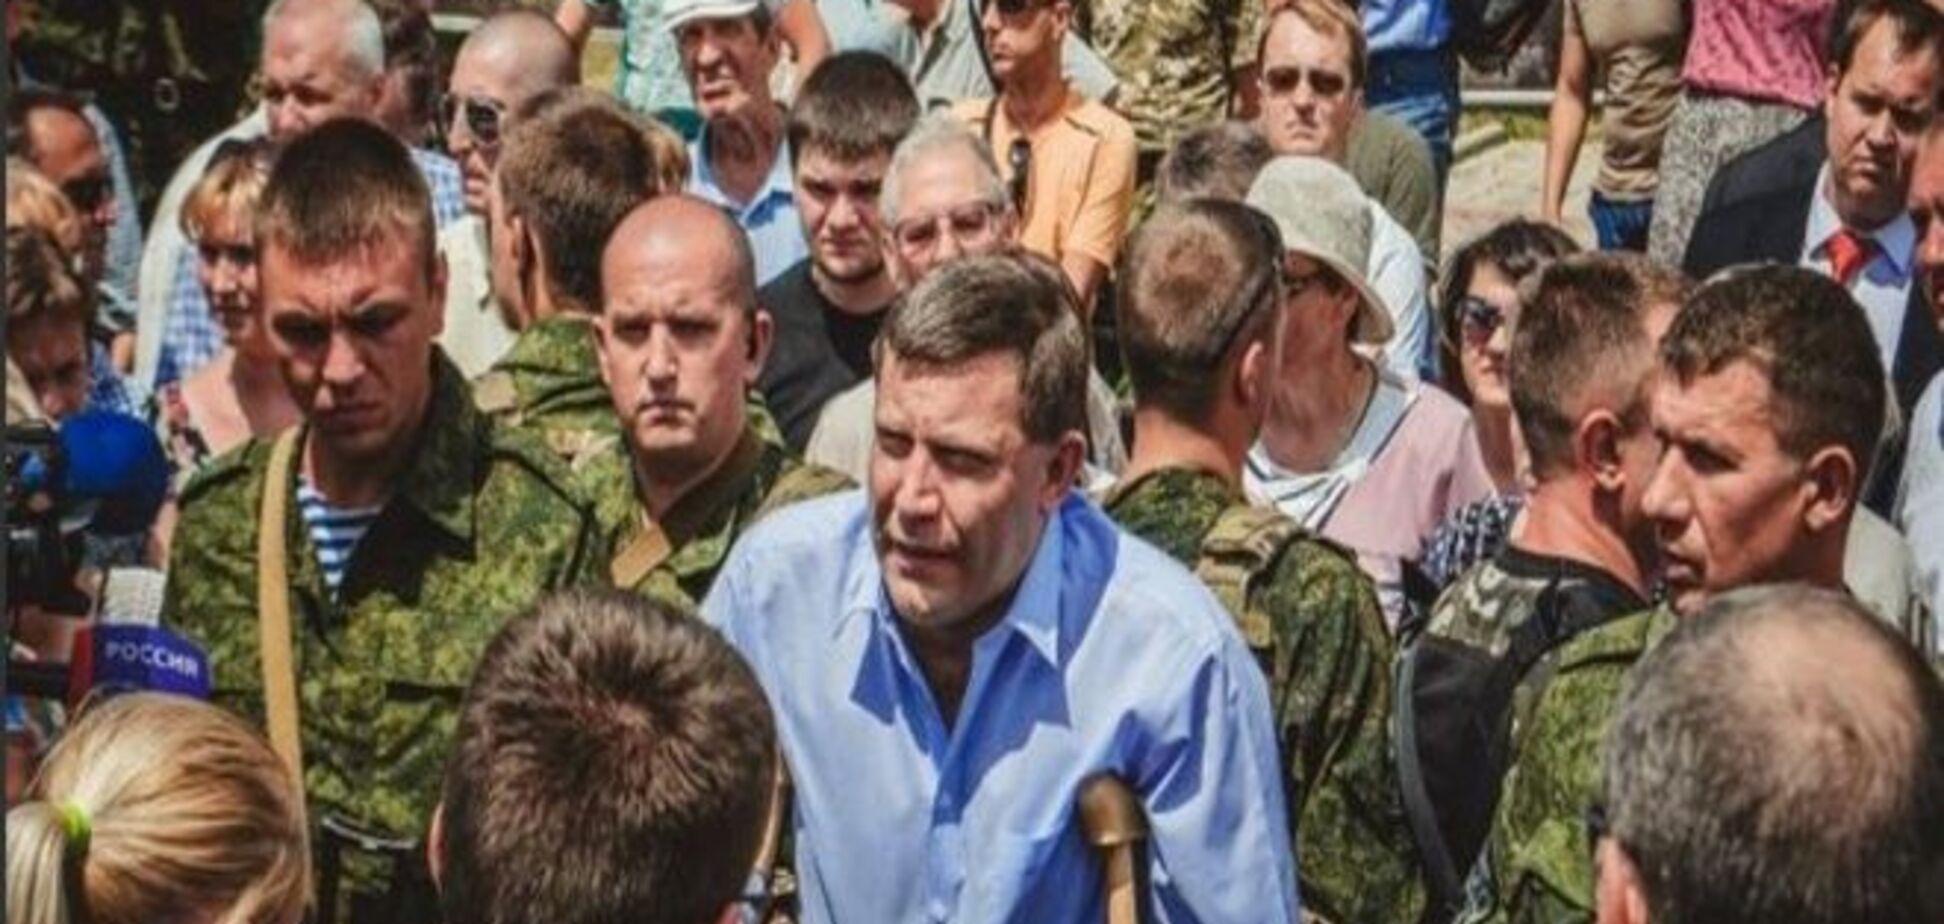 Главарь 'ДНР' с жалким видом и на костылях появился на митинге в Донецке: опубликованы фото